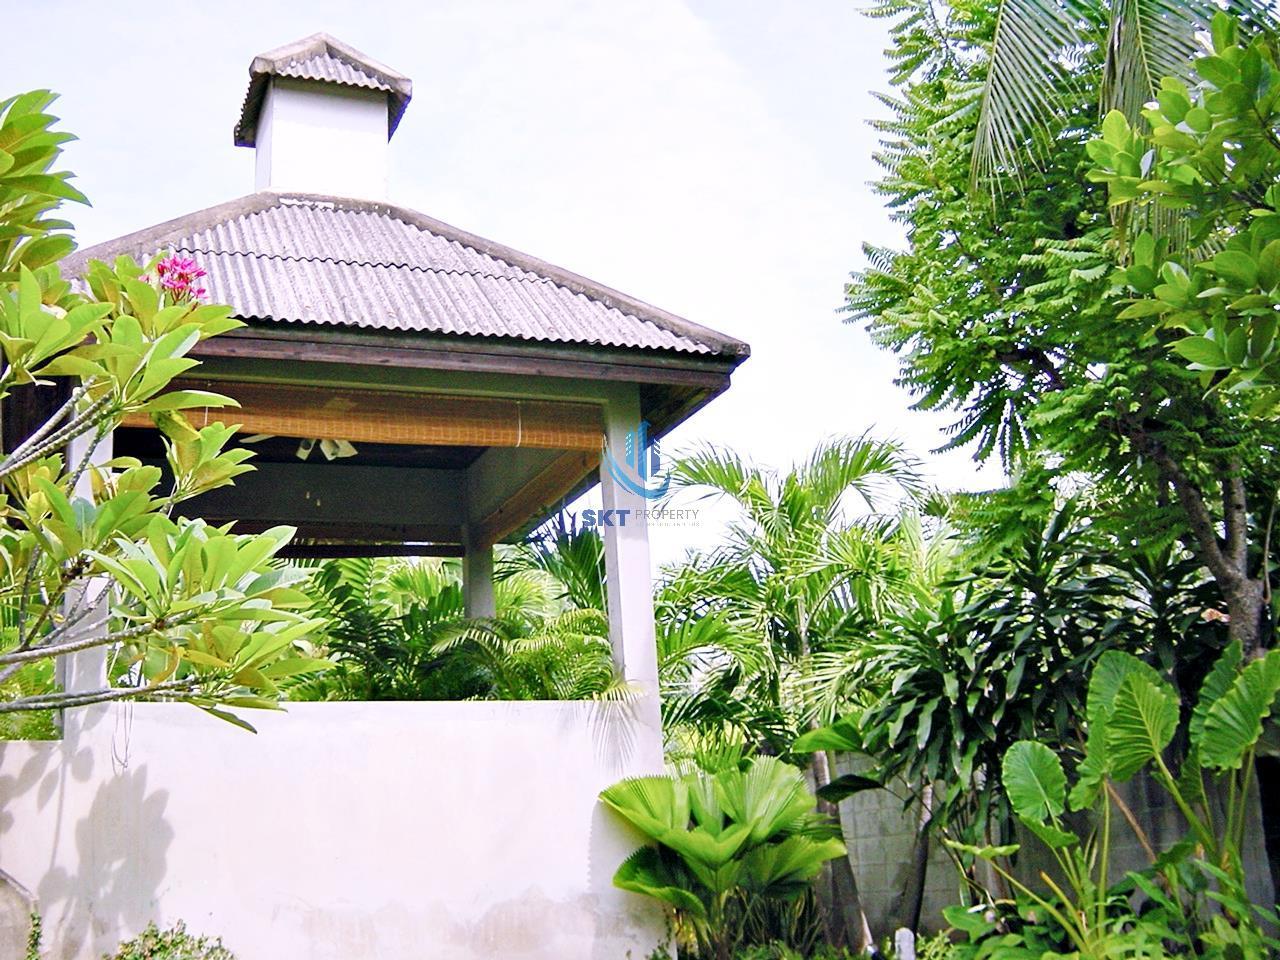 Sukritta Property Agency's Baan Prongjai - Sathorn Soi 1 - MRT Lumpinee 2